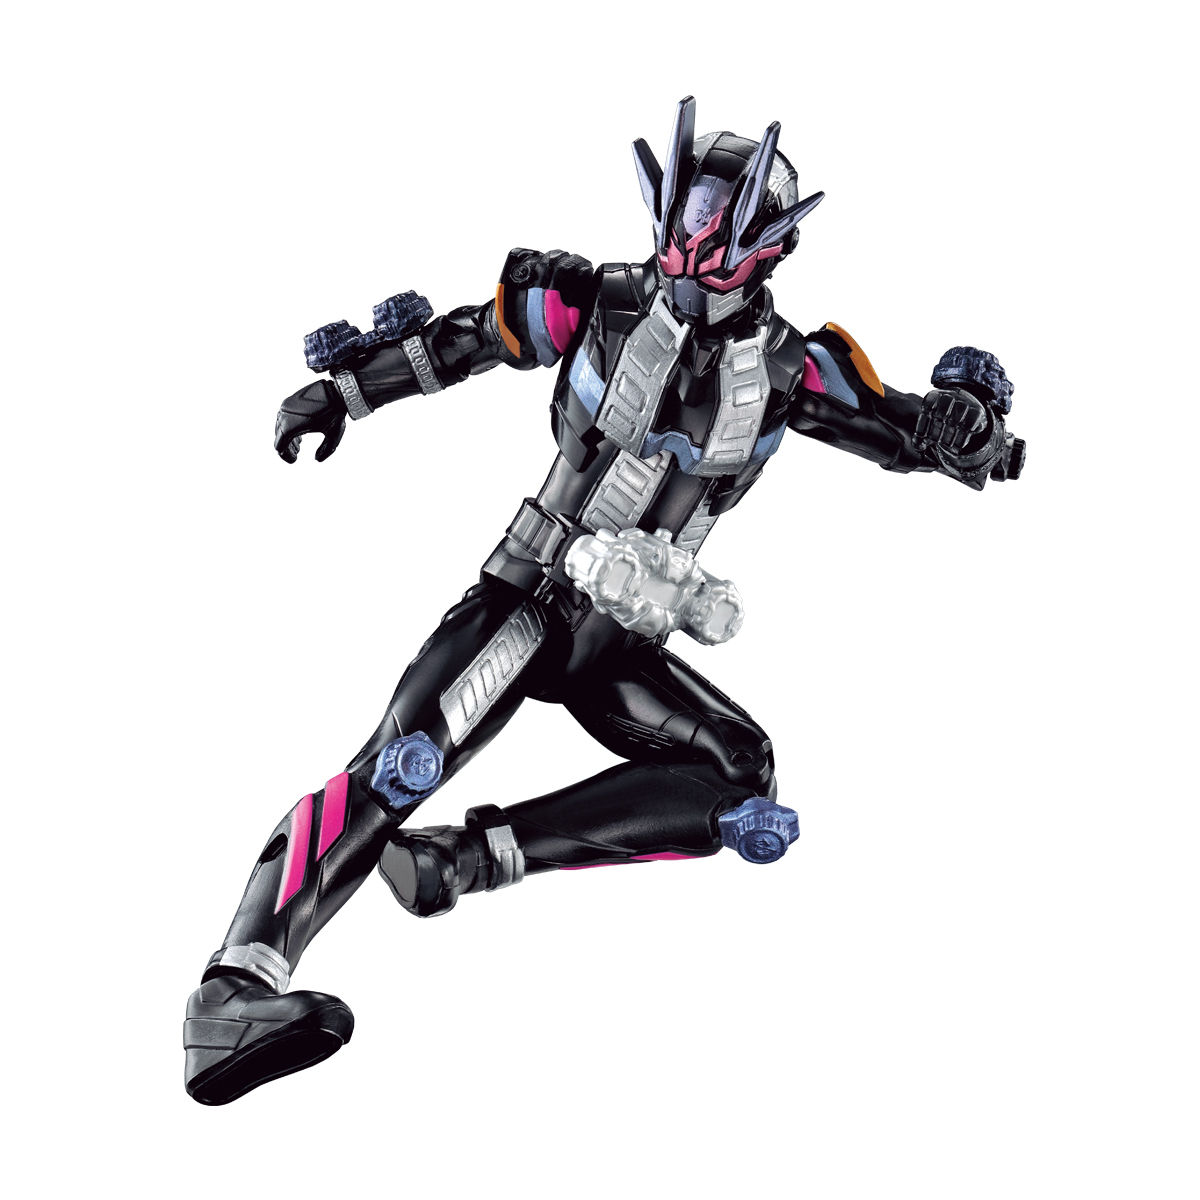 RKFライダーアーマーシリーズ『仮面ライダージオウII』可動フィギュア-005